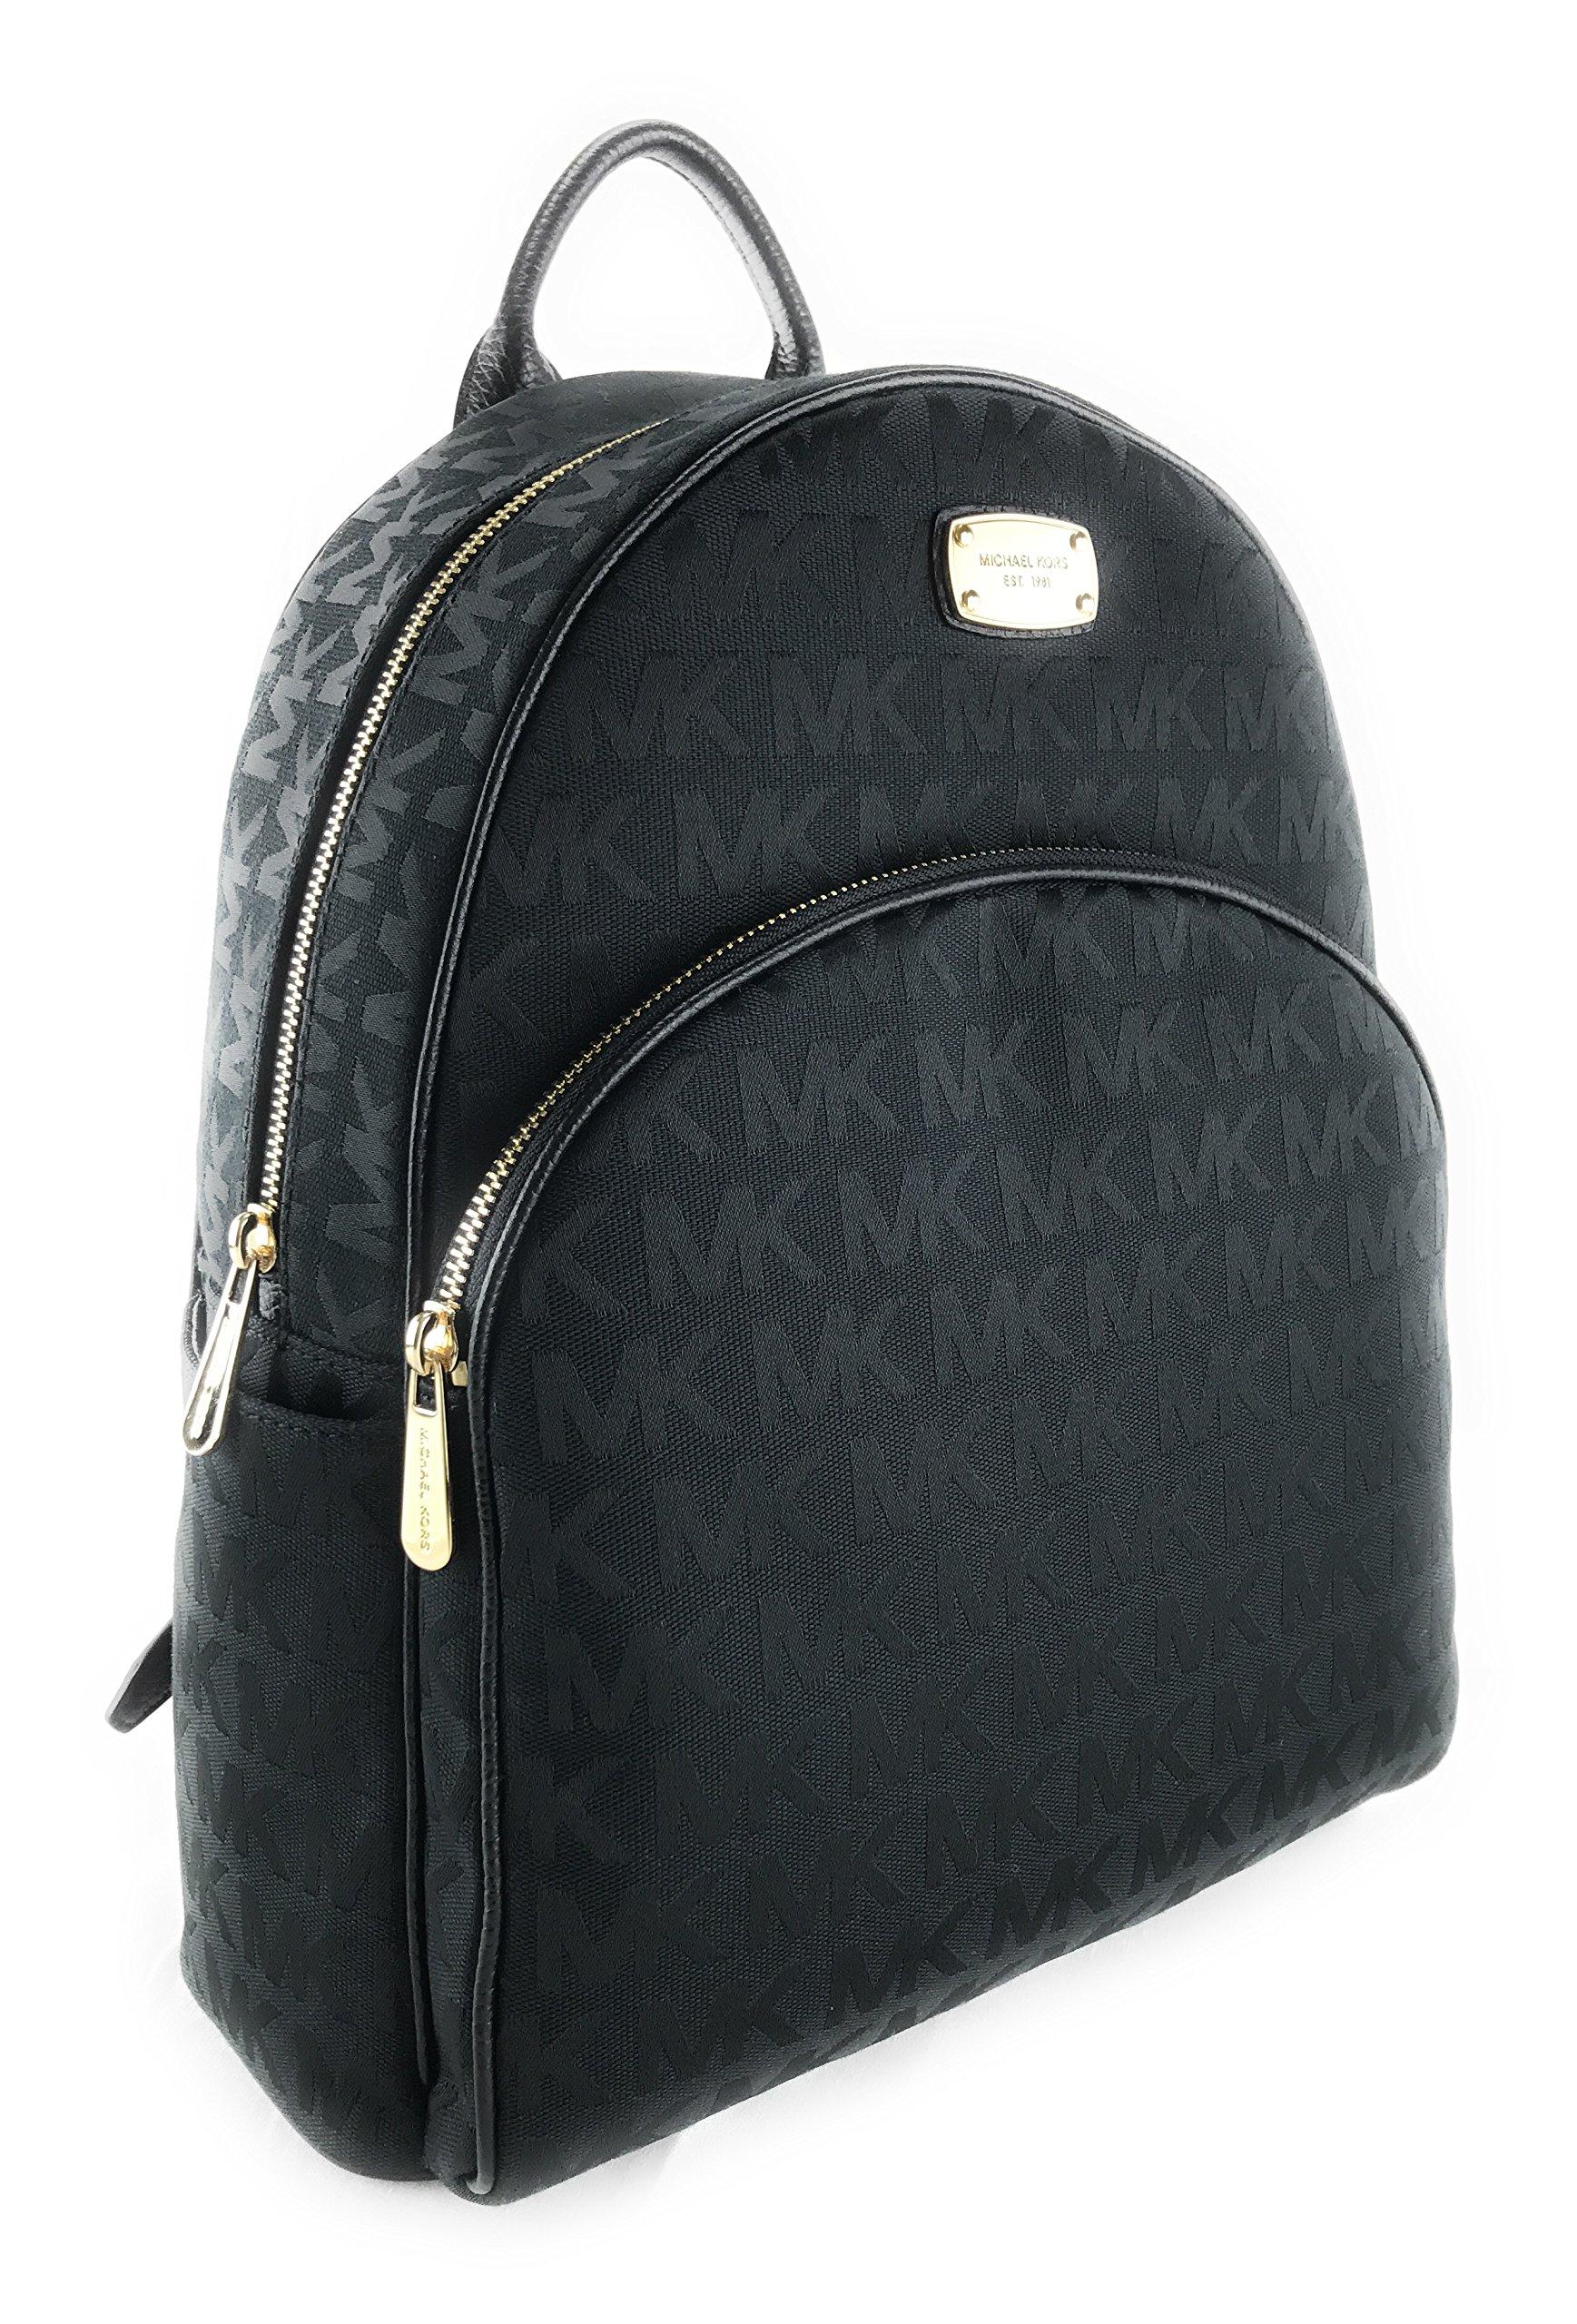 Michael Kors Abbey Large Jet Set Backpack BLK / BLK / BLK